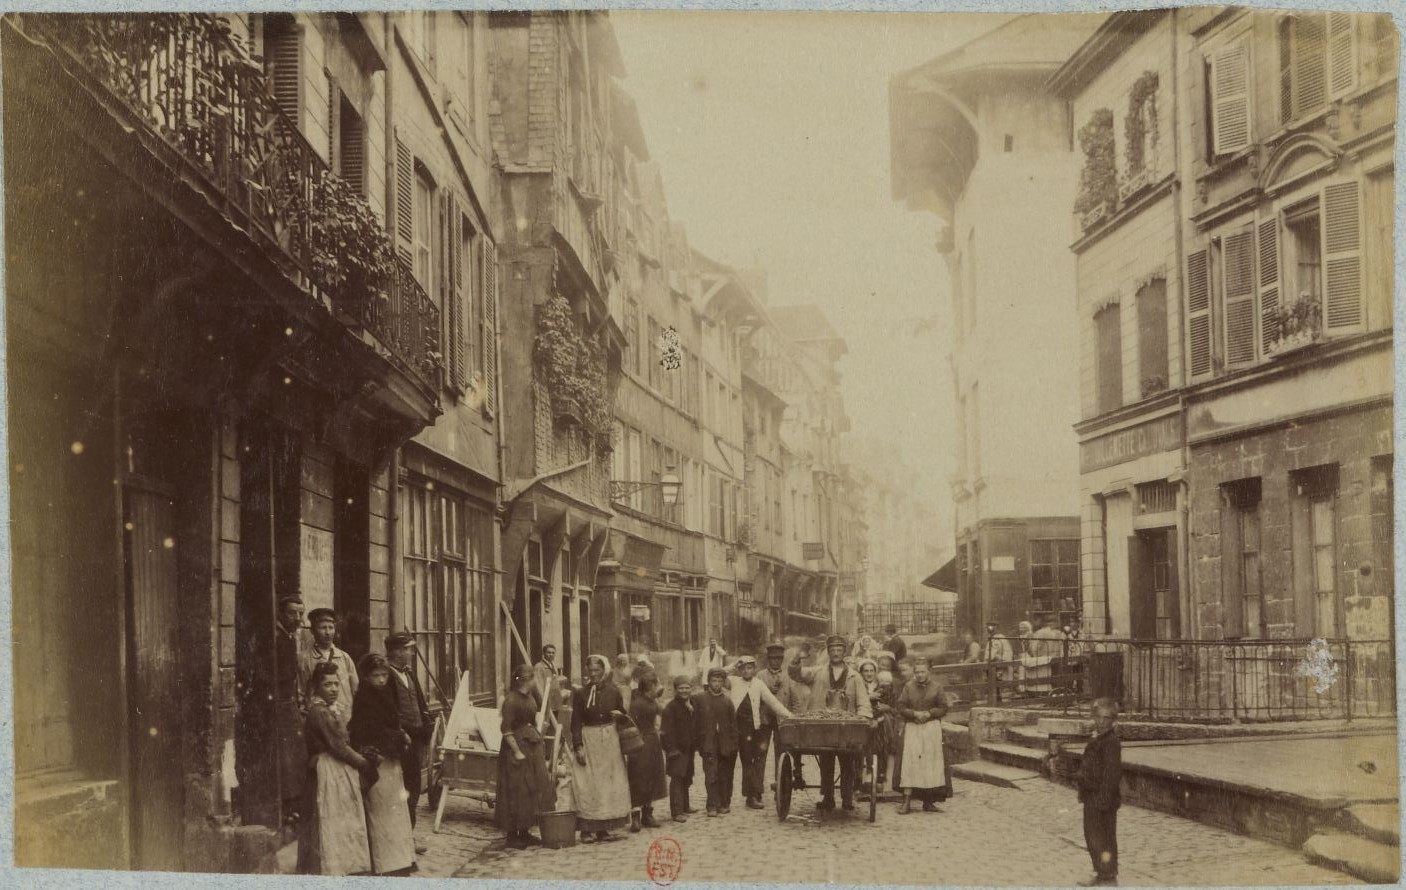 La rue Eaux de Robec autour de 1880. Une grande partie du récit de Fraigneau se déroule dans le quartier Martainville, très miséreux à l'époque. Photographie Gallica